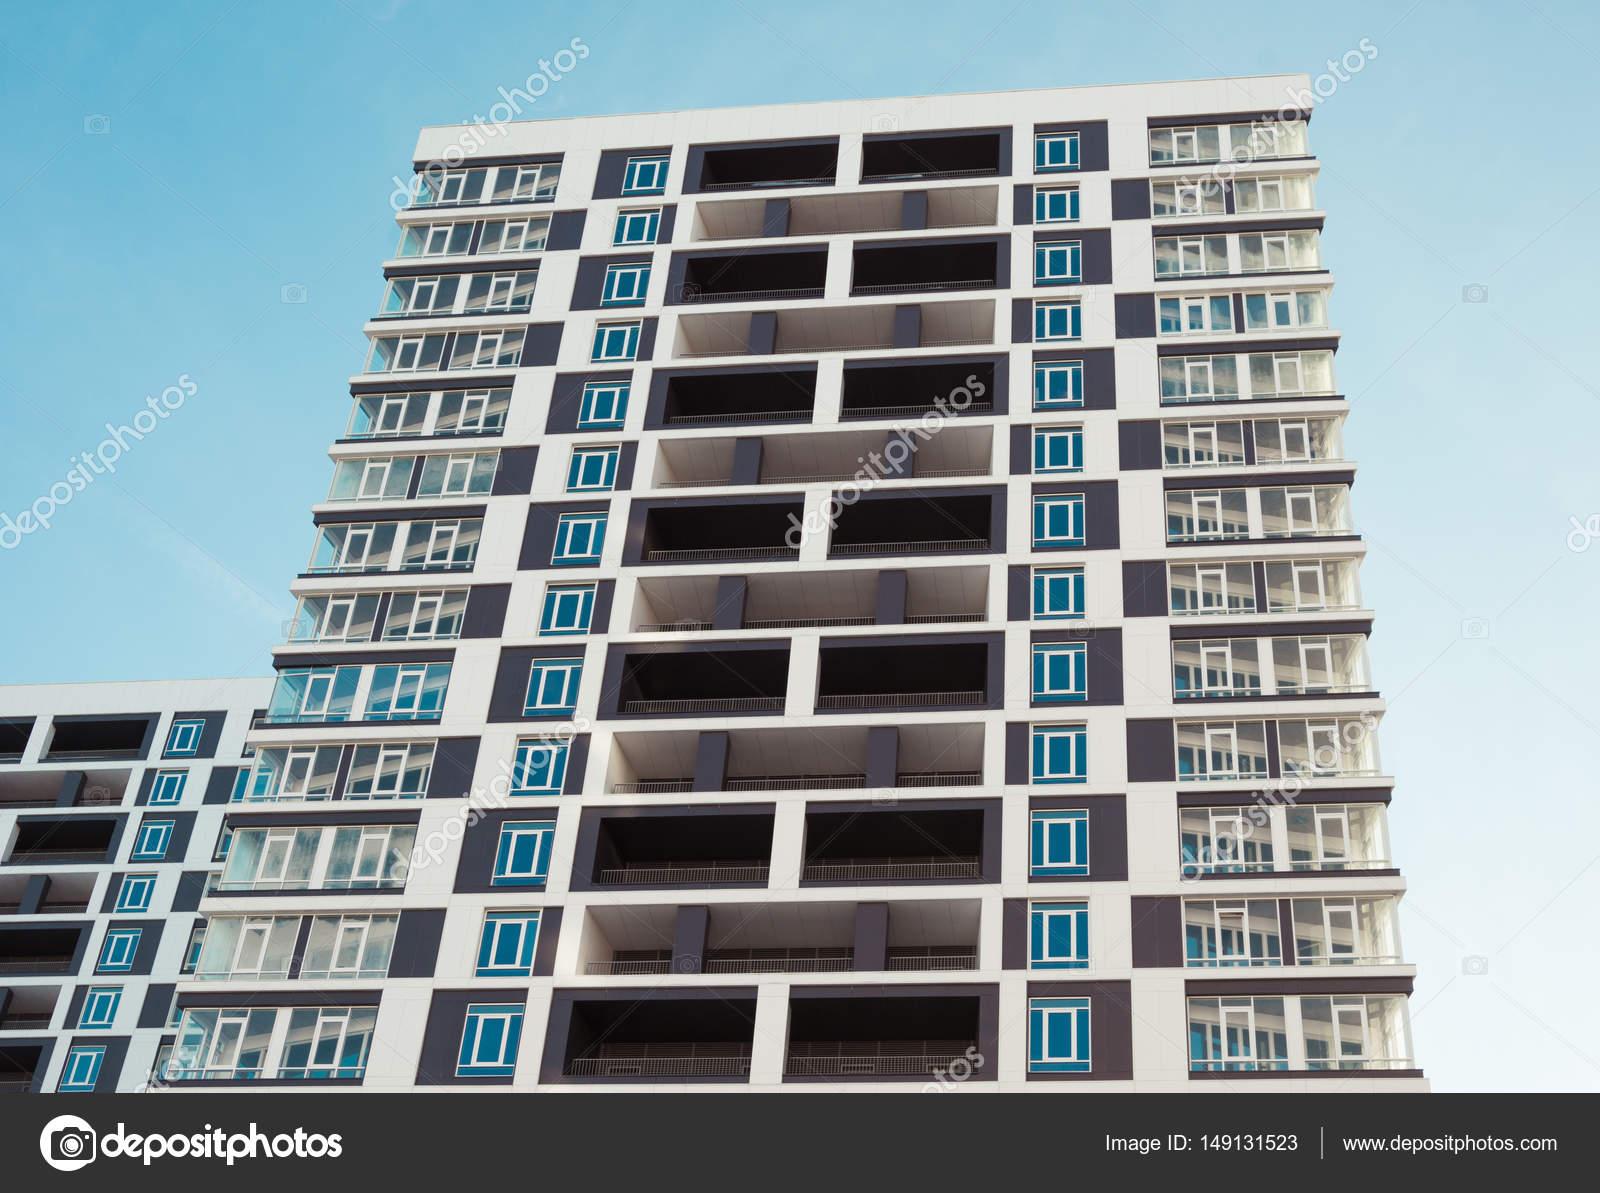 Groot Vierkant Balkon : Modern en nieuw appartement gebouw de foto s voor een groot blok